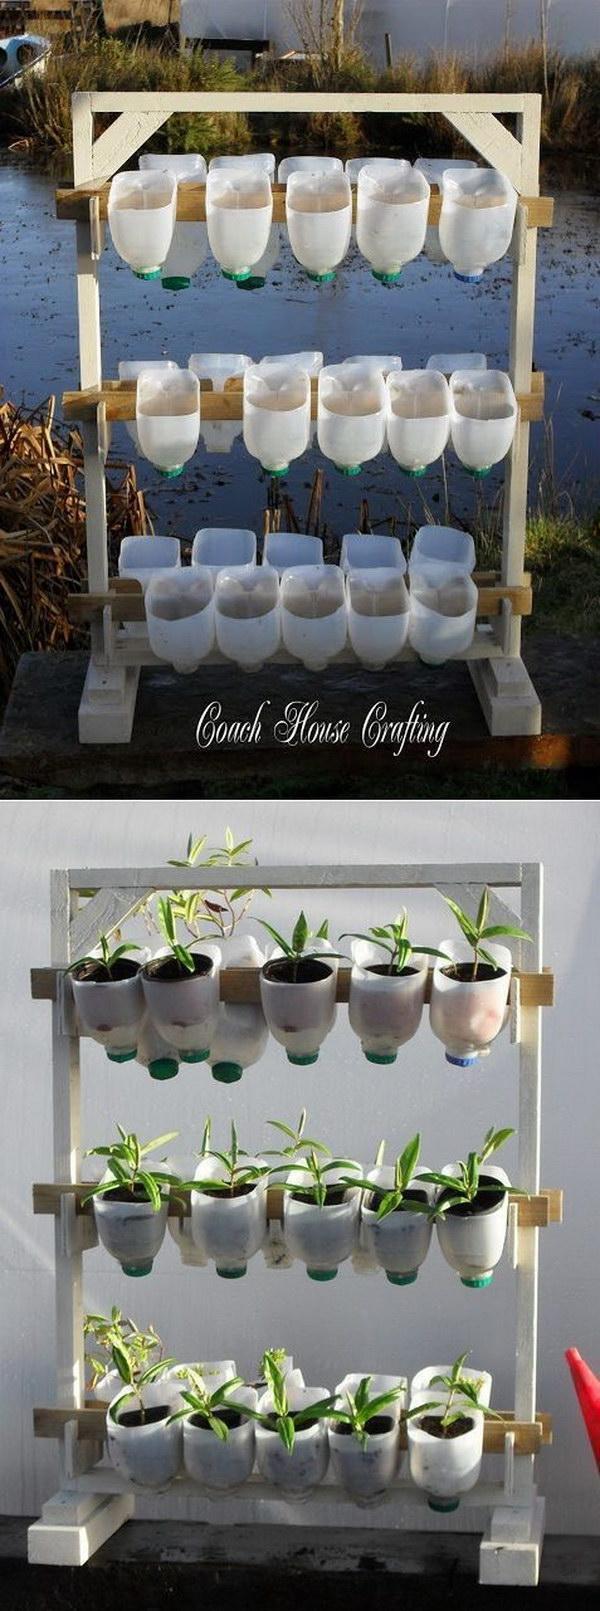 DIY Vertical Garden Using Plastic Milk Bottles